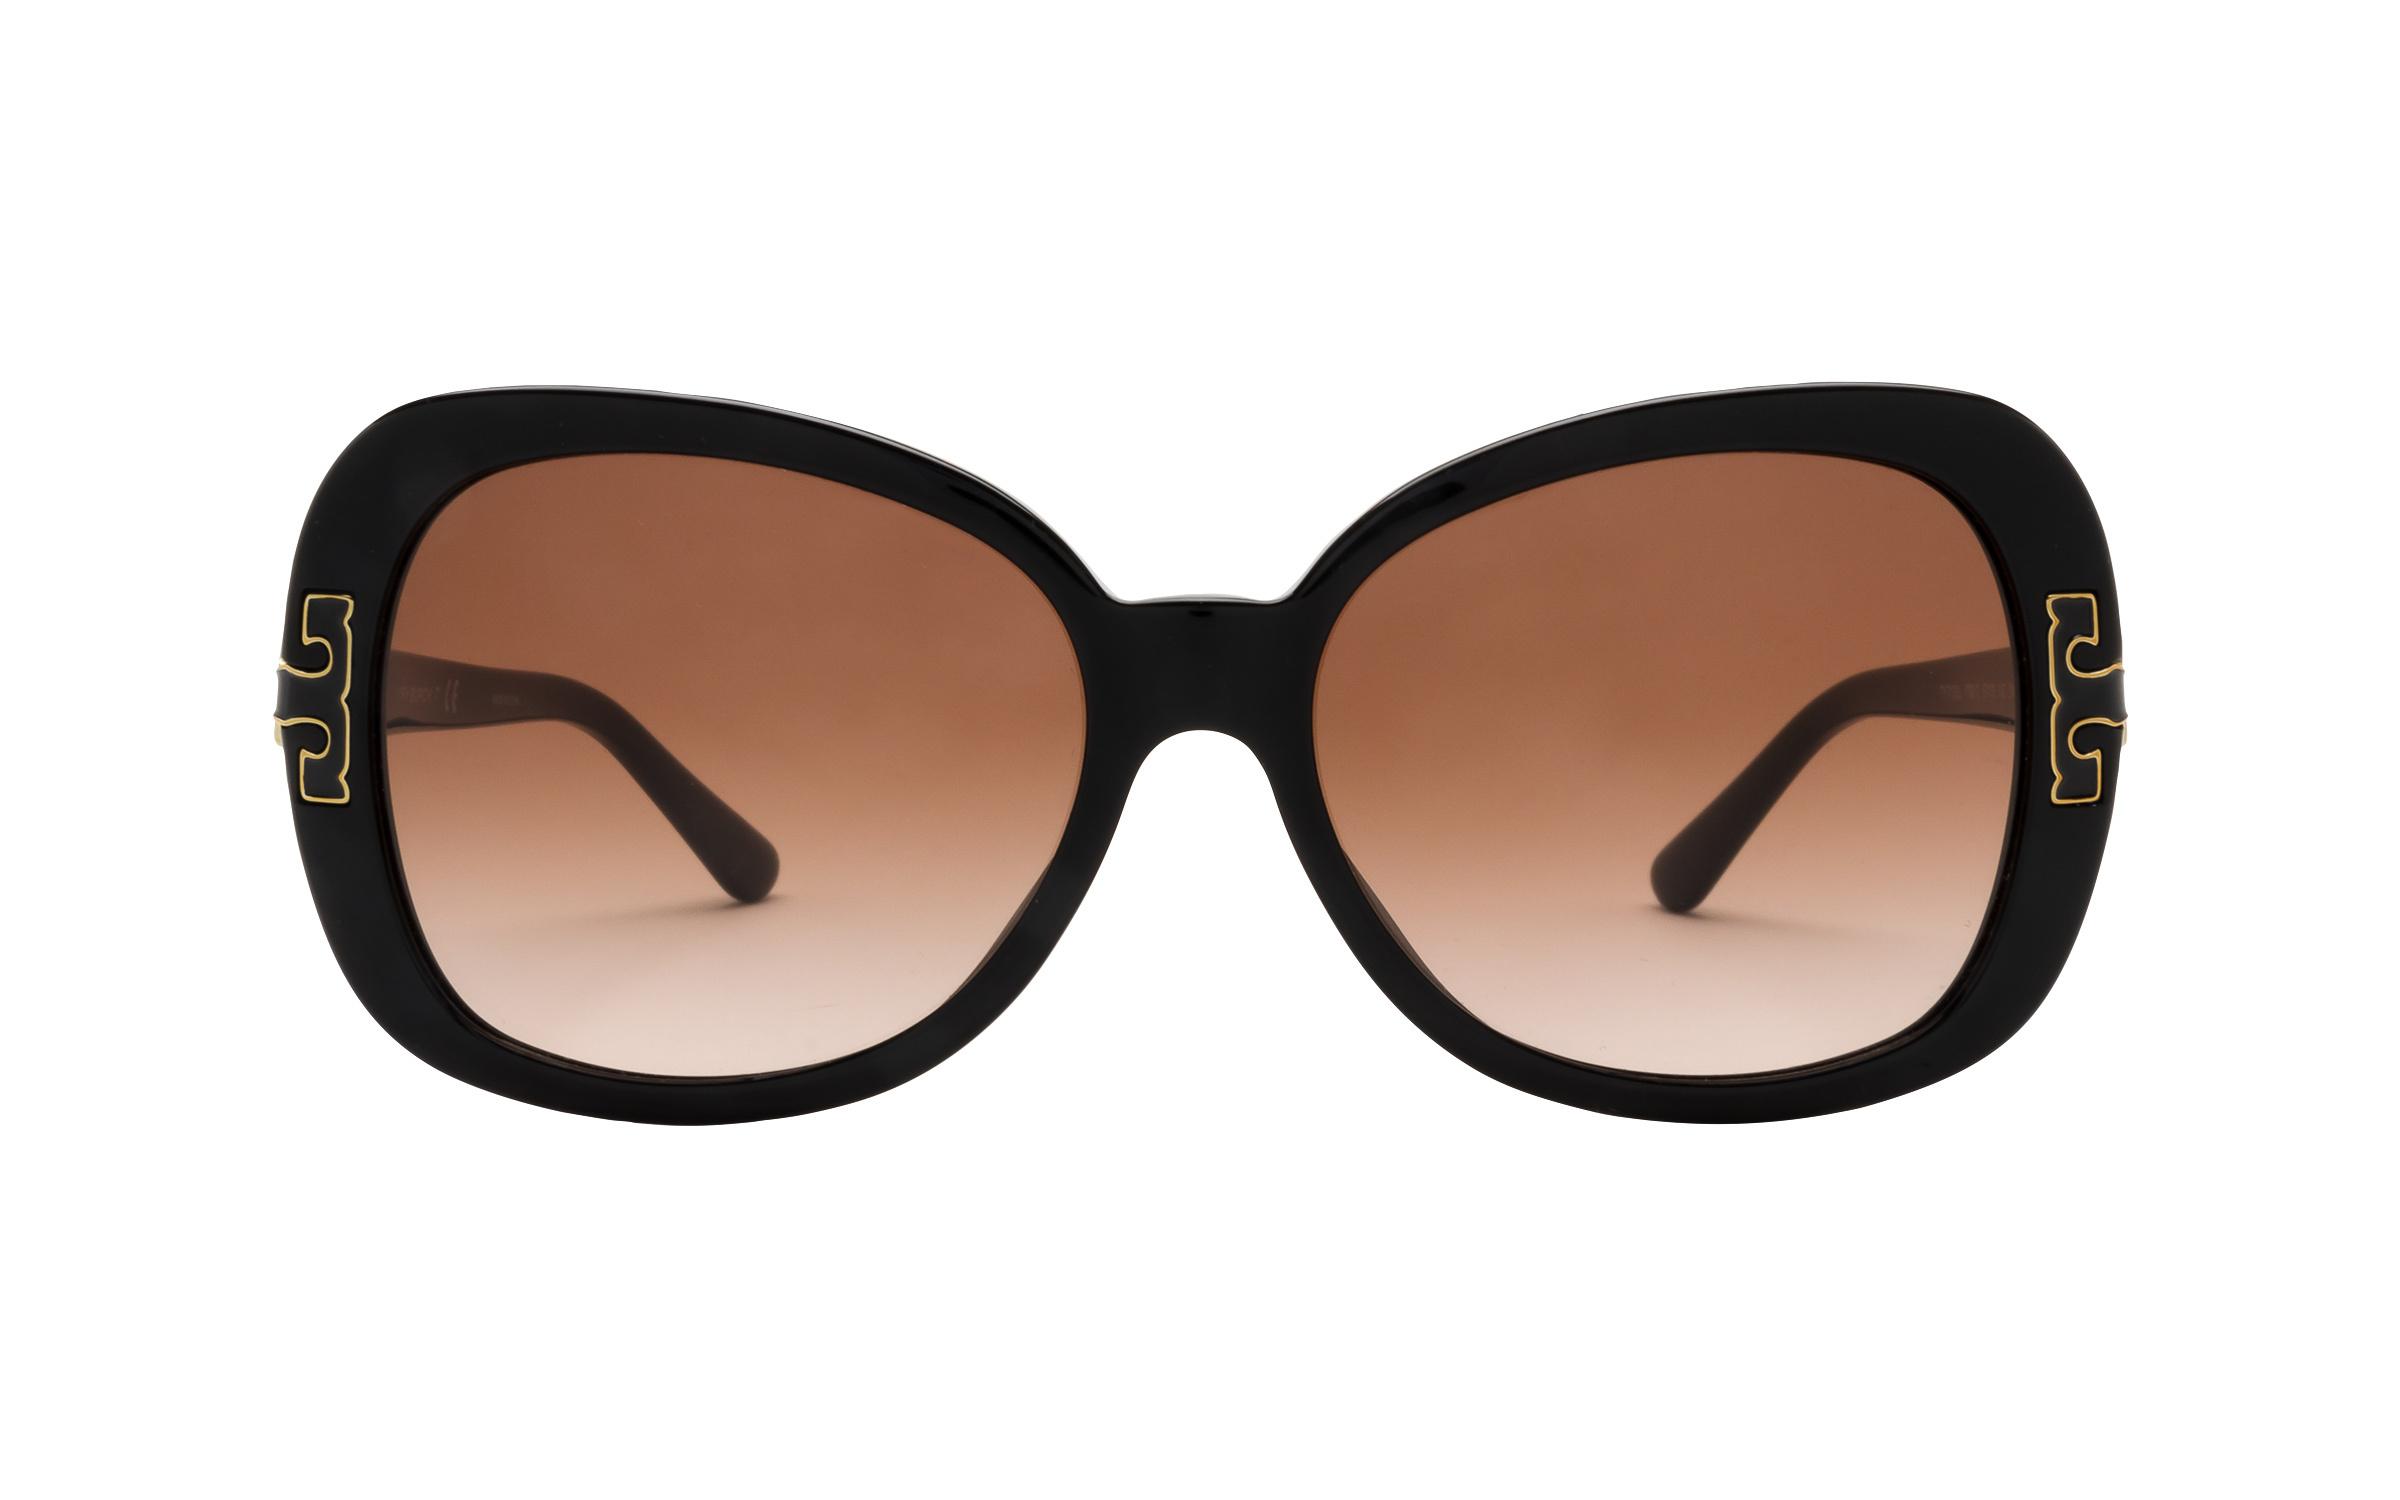 Tory Burch TY7133U 1709/13 57 Sunglasses in Black | Acetate - Online Coastal